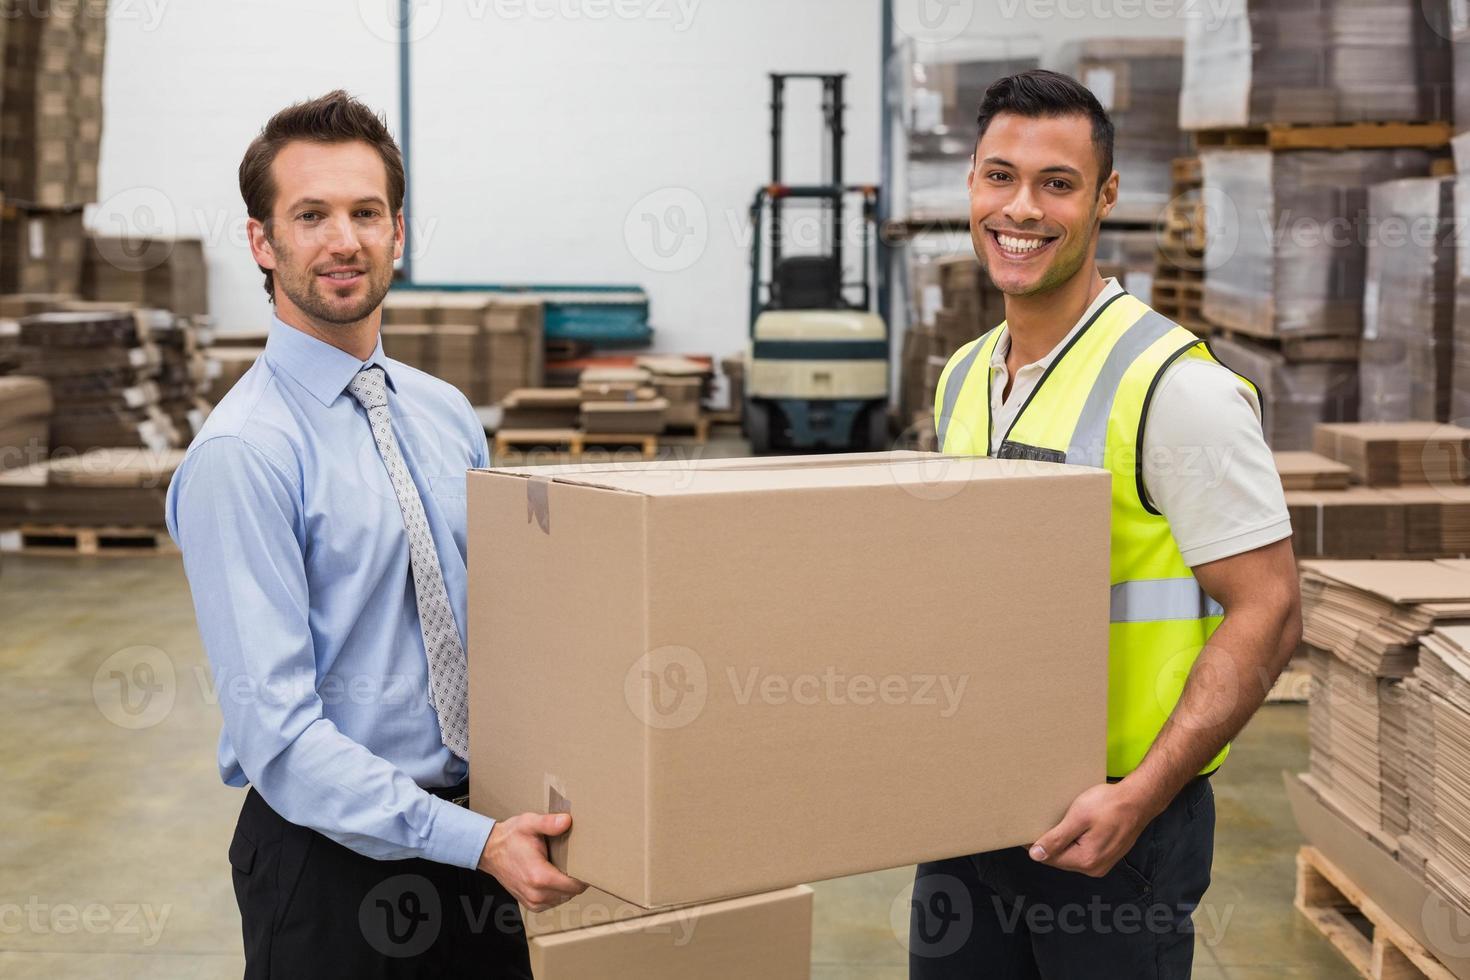 trabajador de almacén y gerente pasando una caja foto